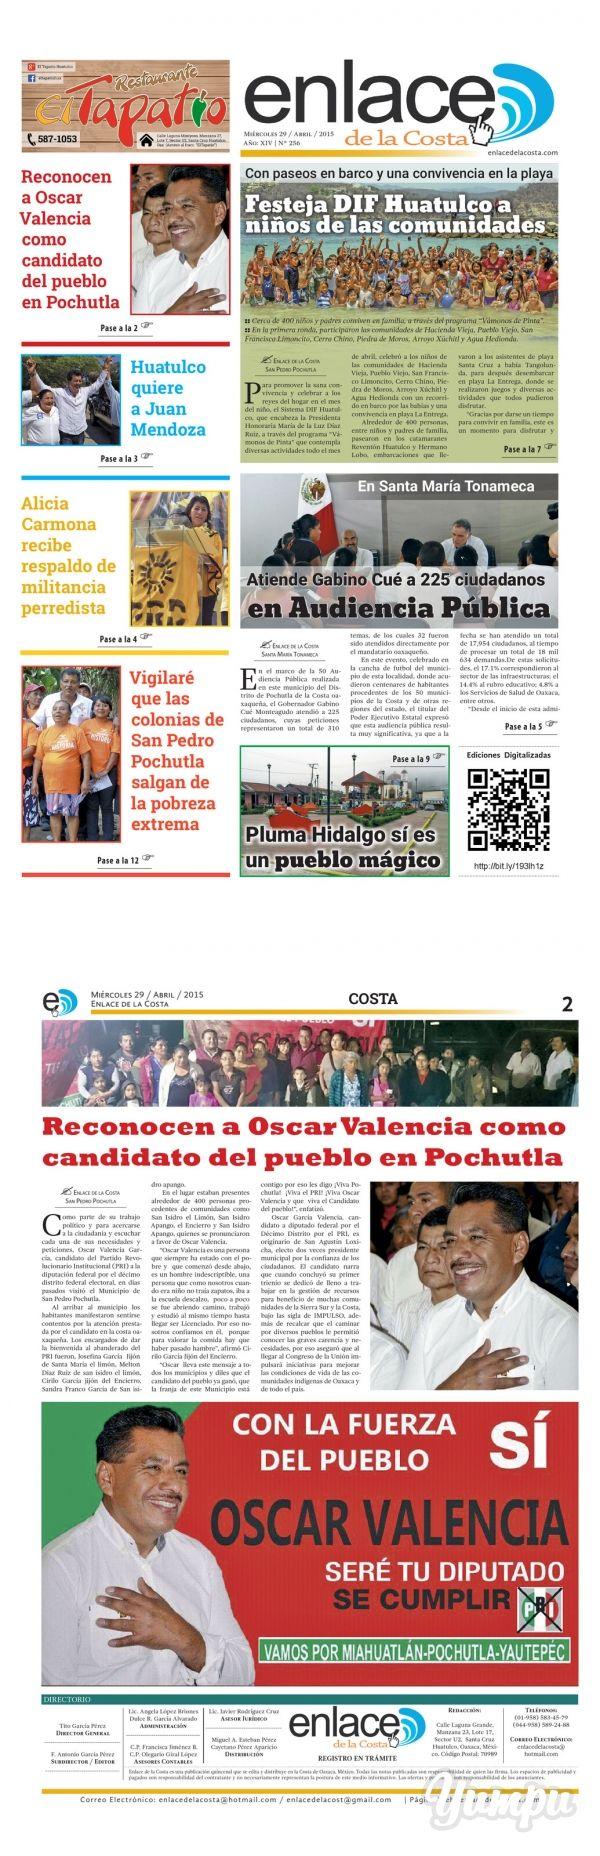 Edición 256; Enlace de la Costa - Magazine with 12 pages: Edición número 256 del periódico Enlace de la Costa, editado y distribuido en la Costa de Oaxaca, con información de la región.